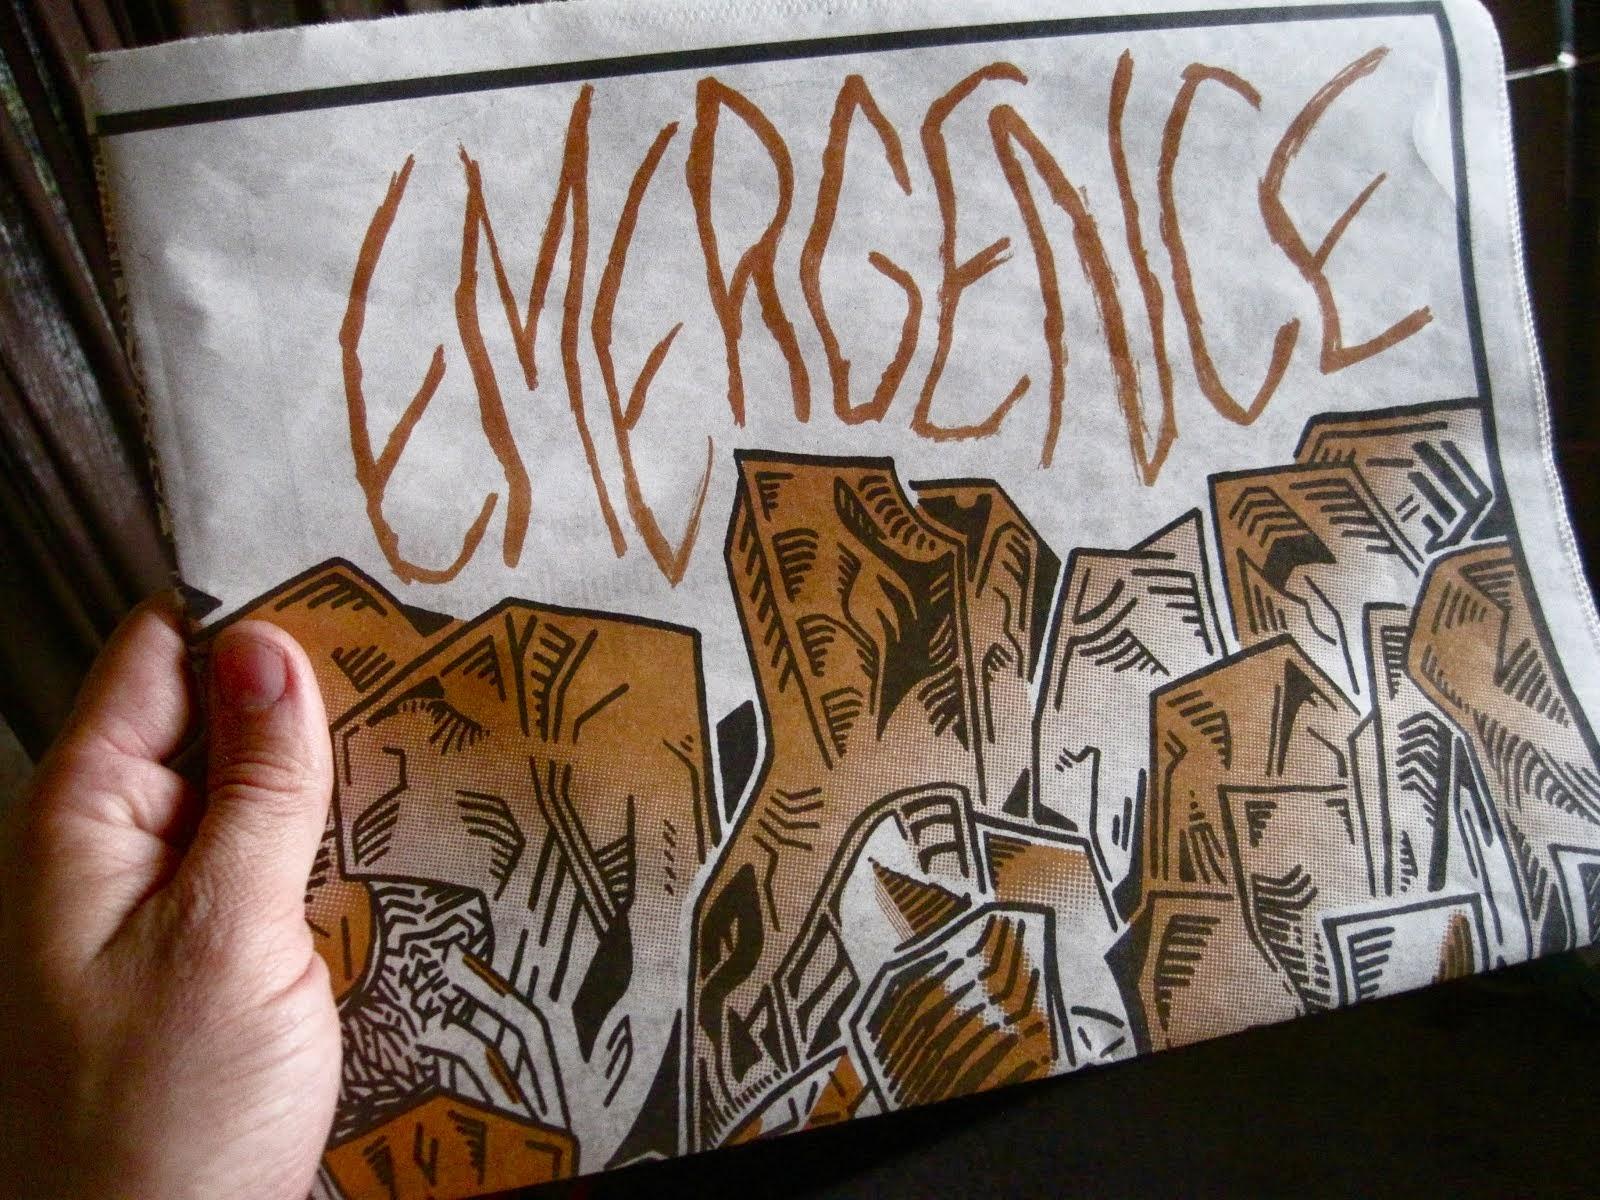 Emergence #1